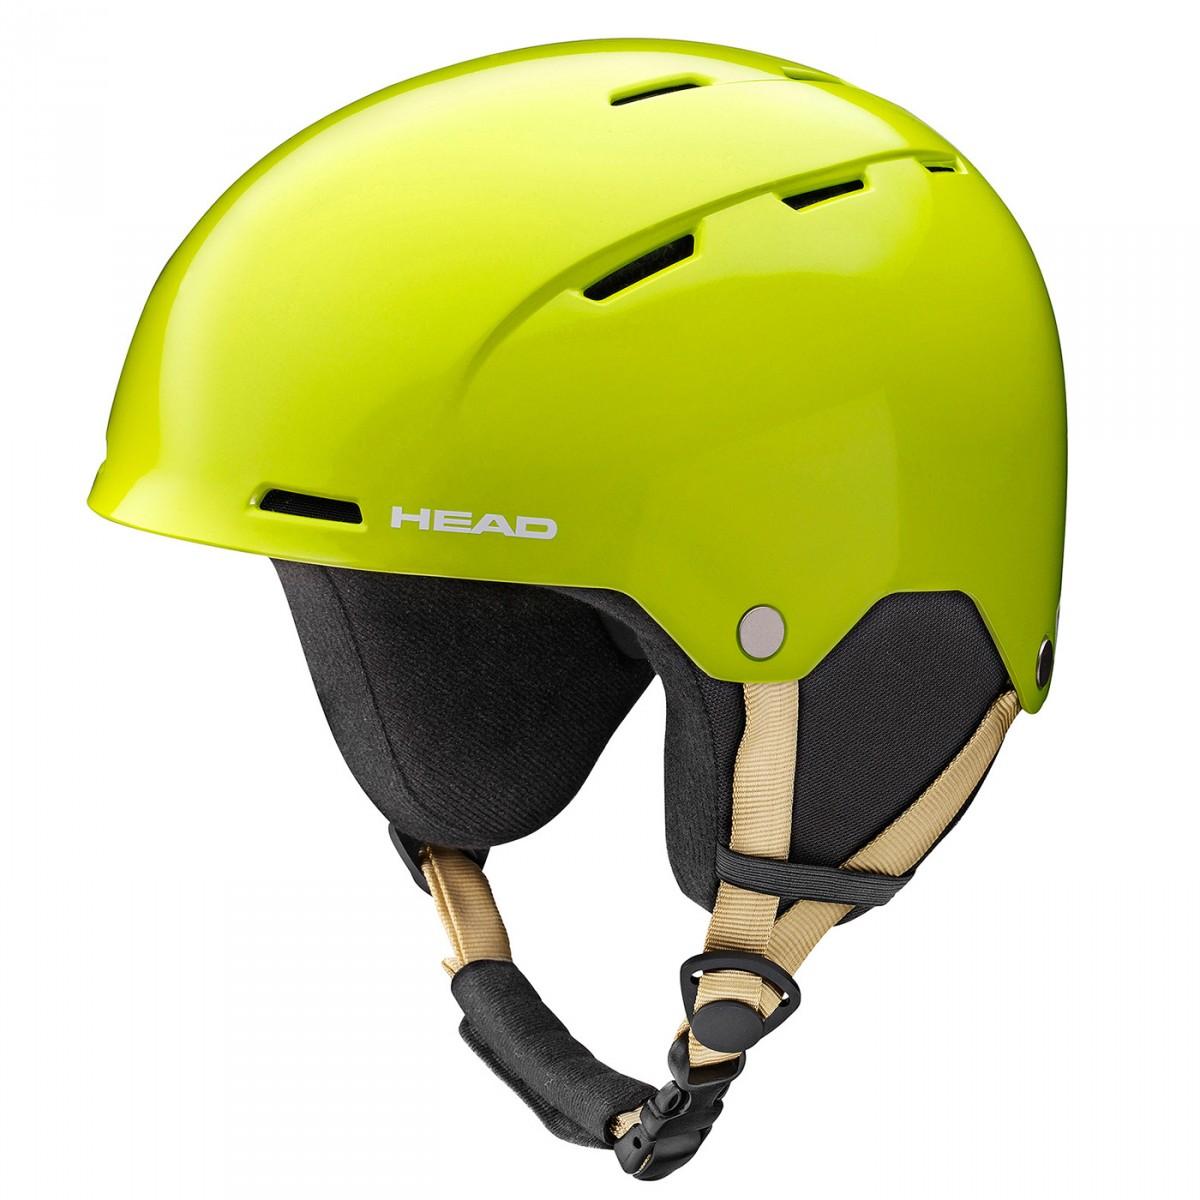 Casco sci Head Tracer giallo (Colore: verde mela, Taglia: 56/58)